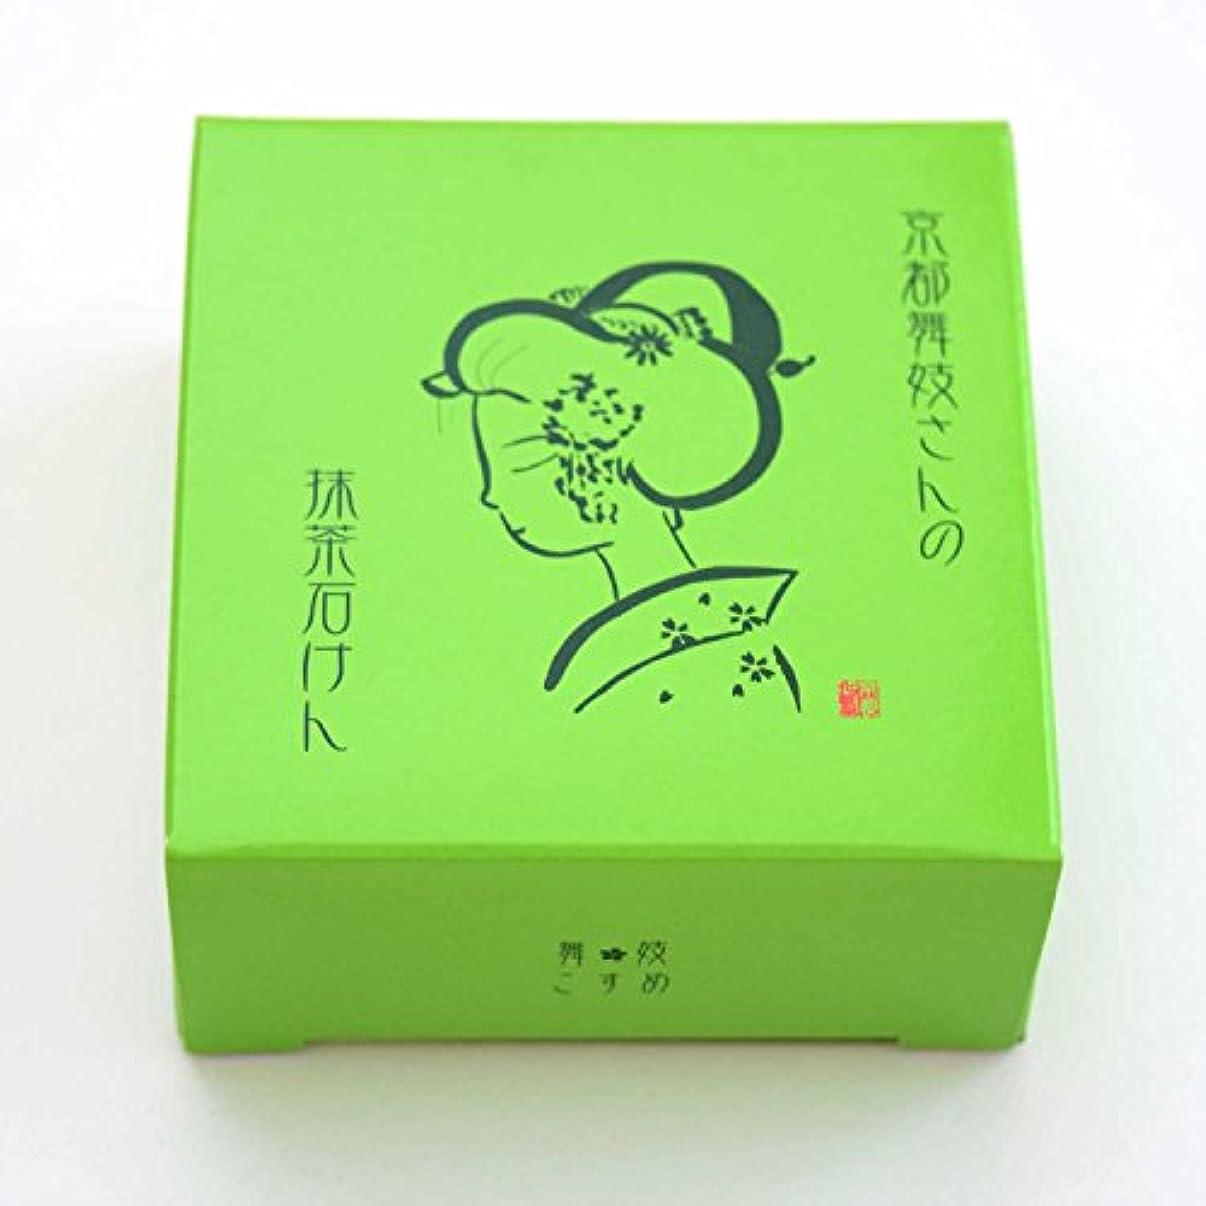 同種の快適練習京都限定 舞妓さんの抹茶石鹸 茶エキス配合 無香料